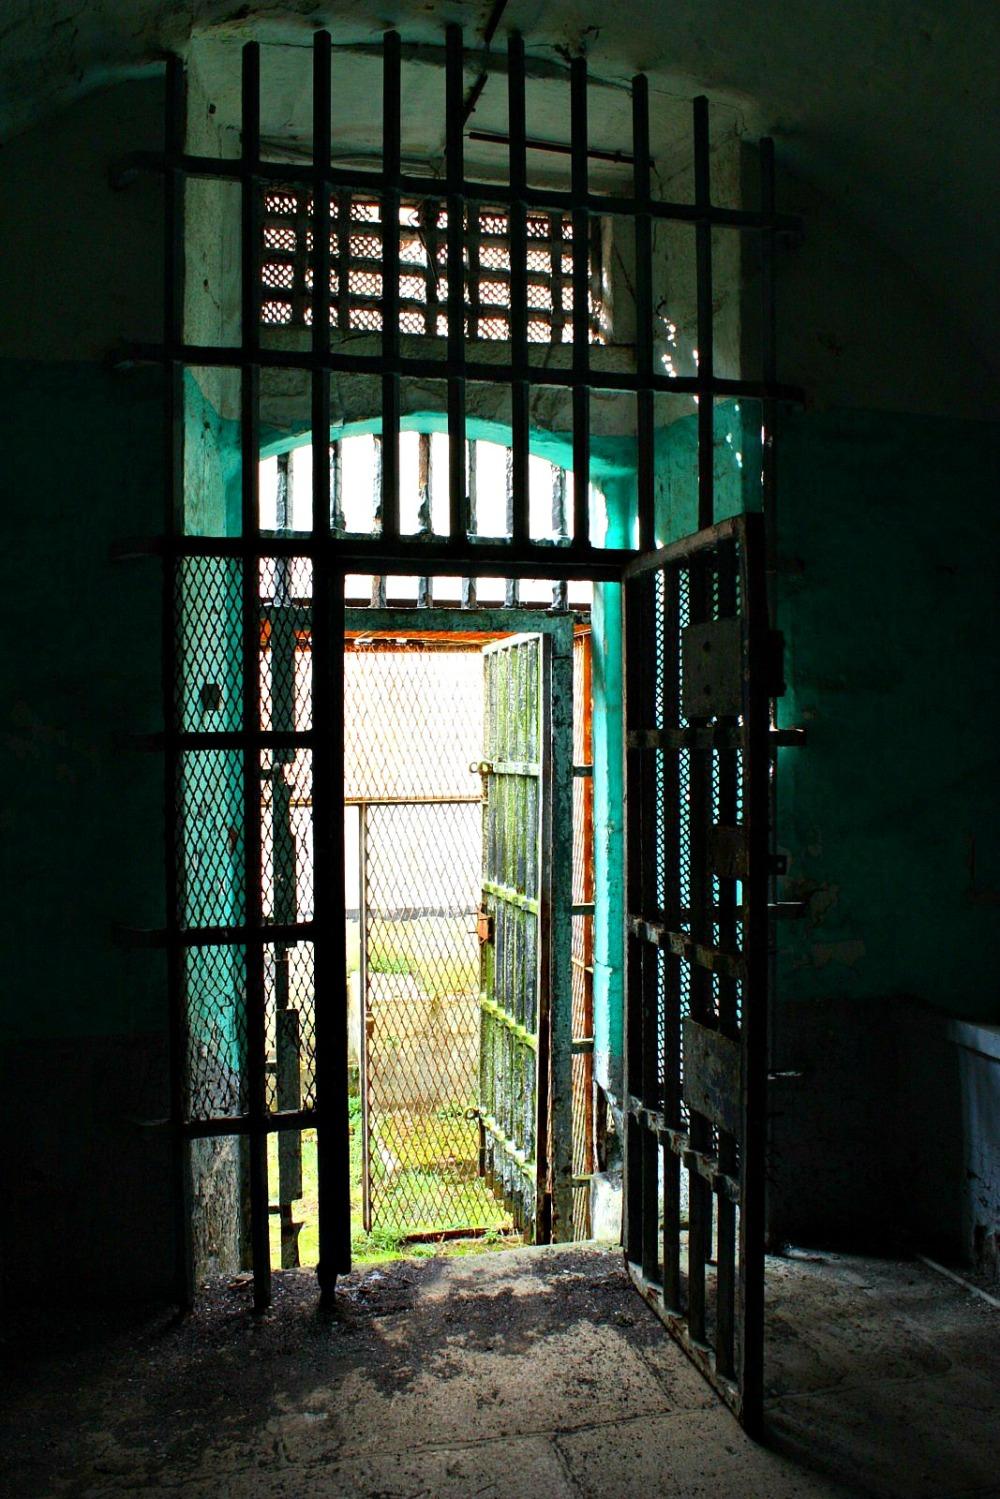 urbex, urban,prison,détention